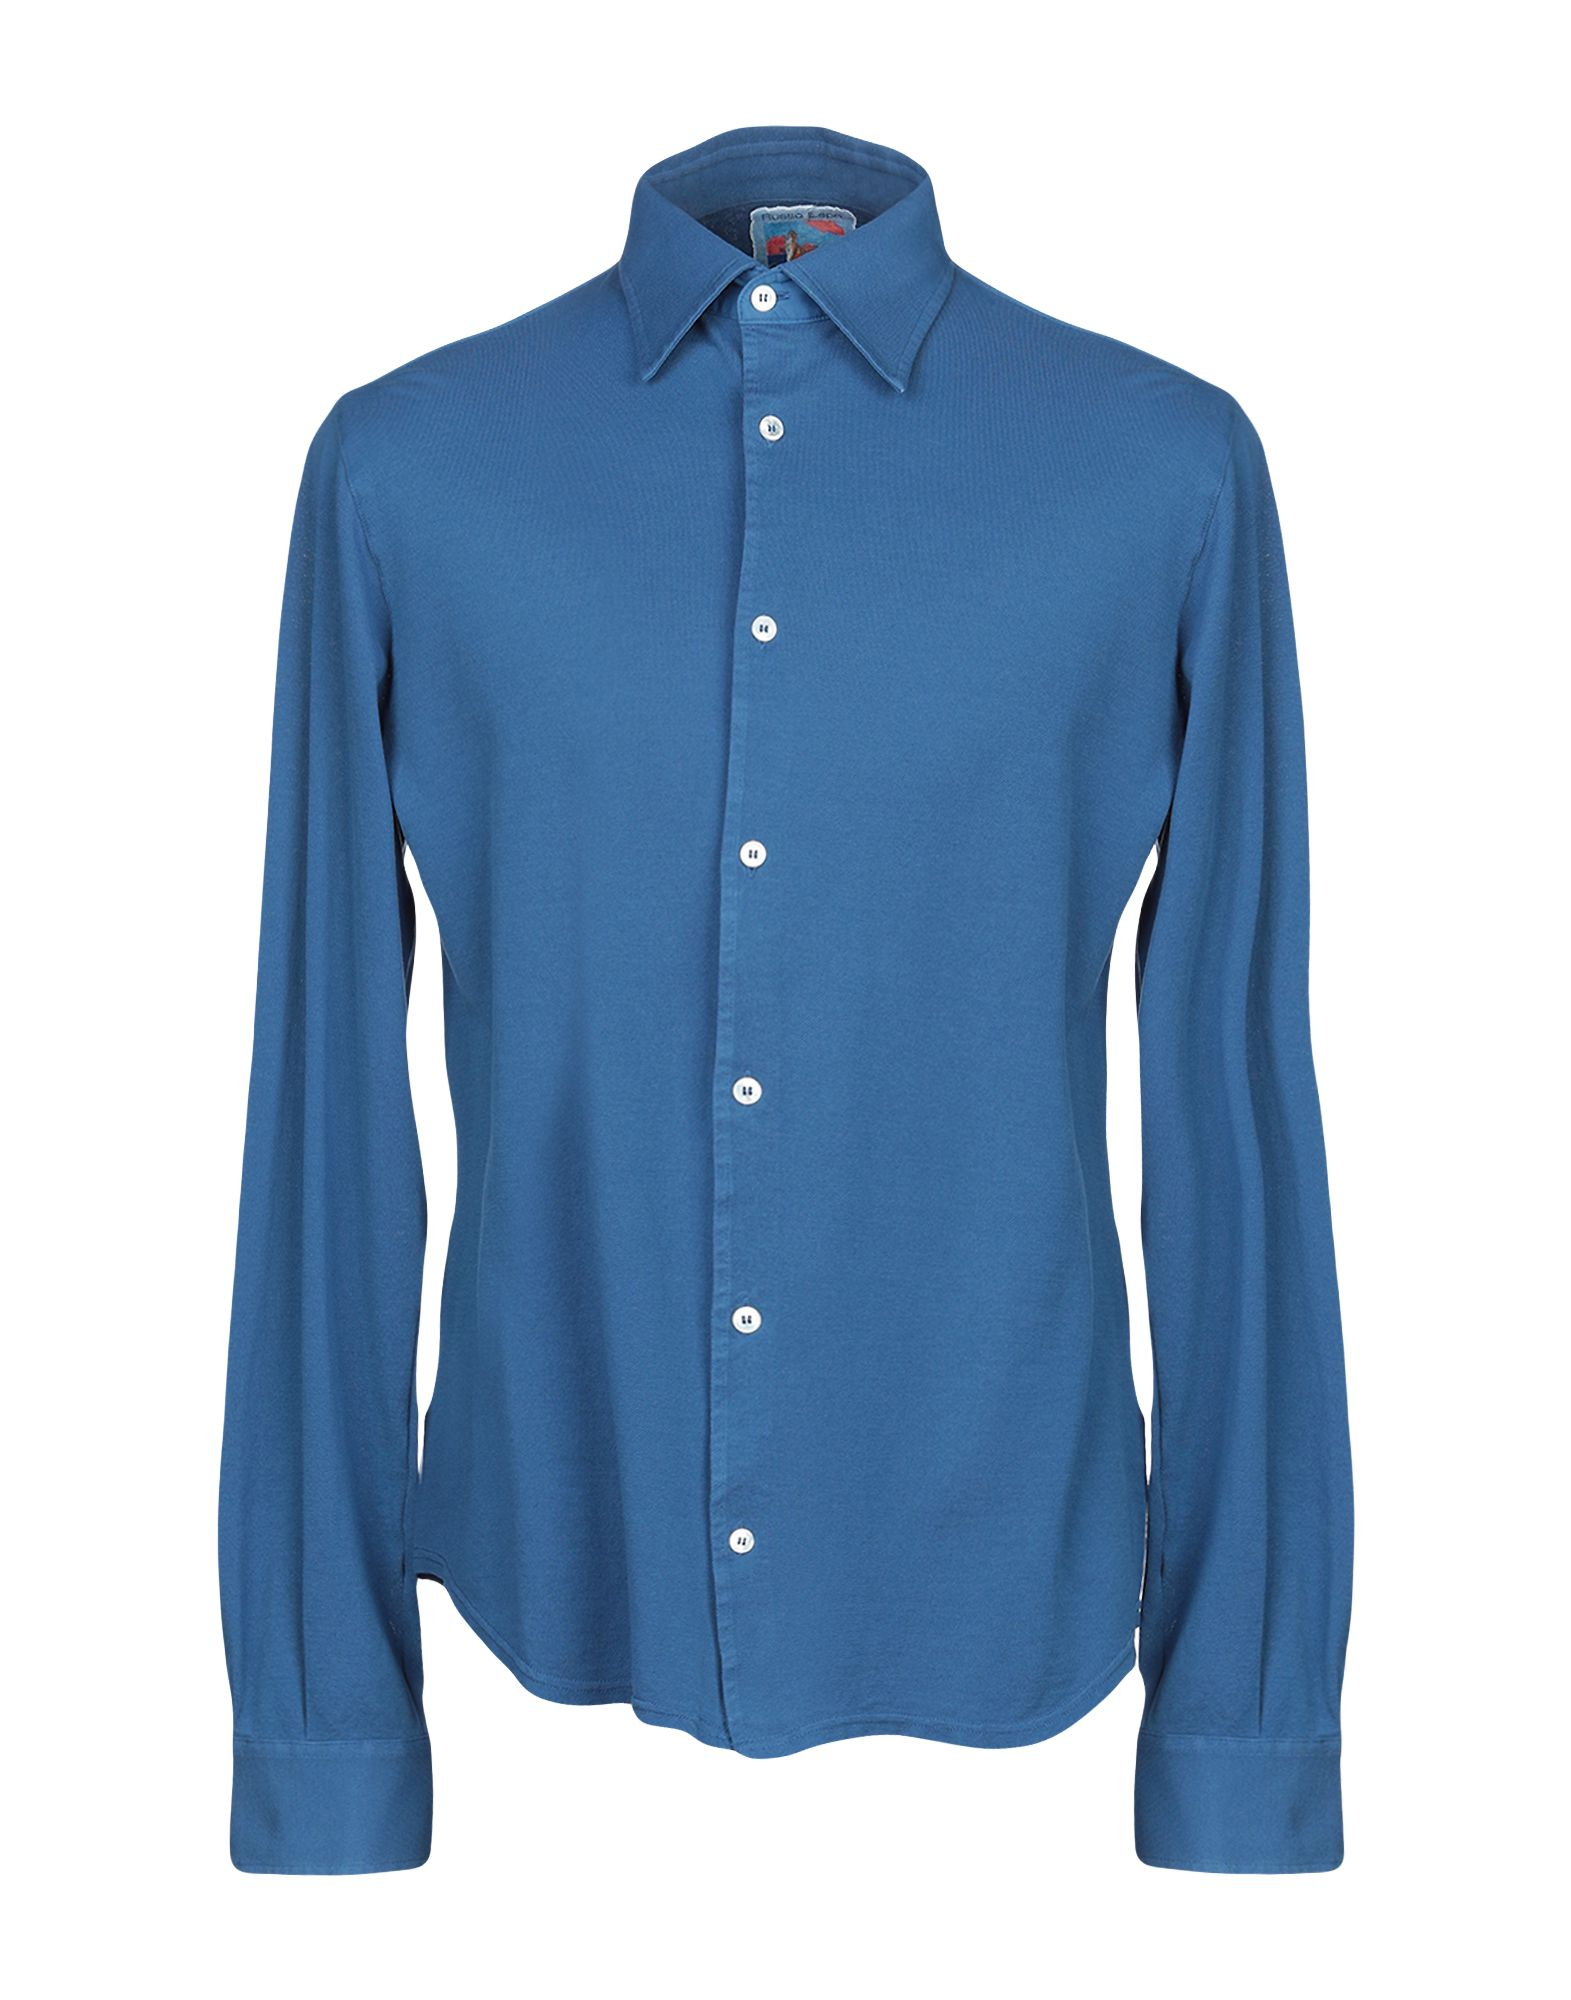 《期間限定セール中》FEDELI メンズ シャツ ダークブルー 52 コットン 100%